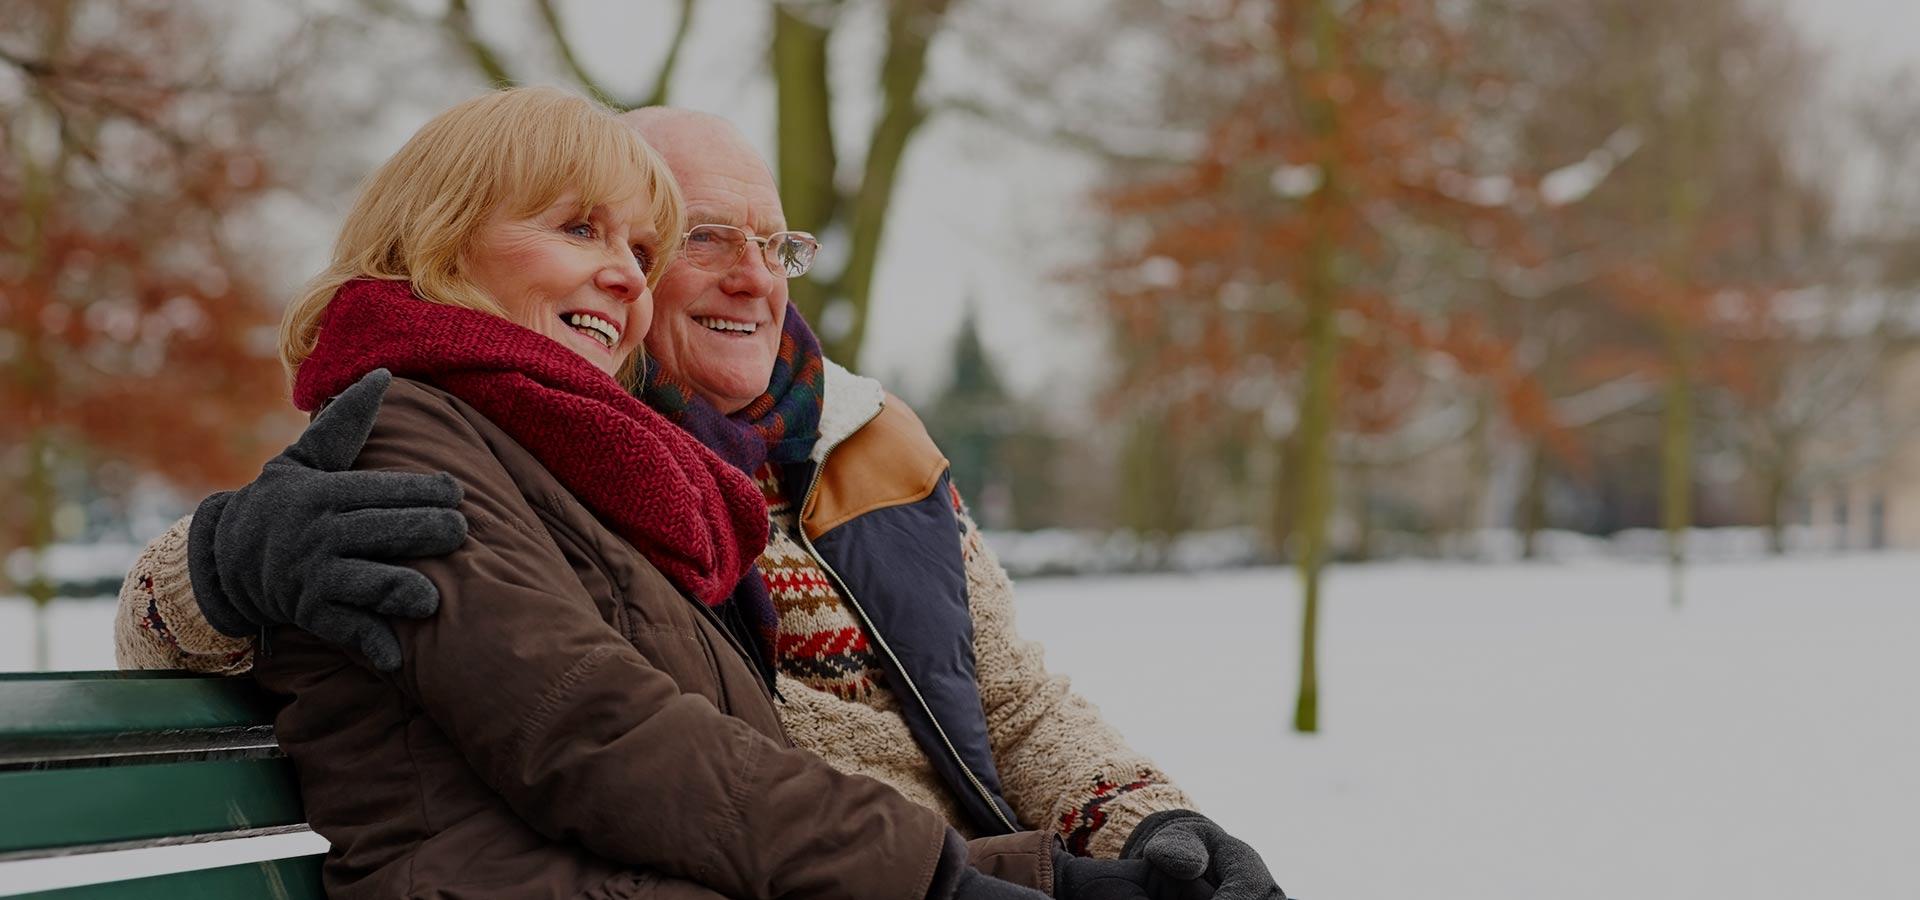 Frauen kennenlernen winter